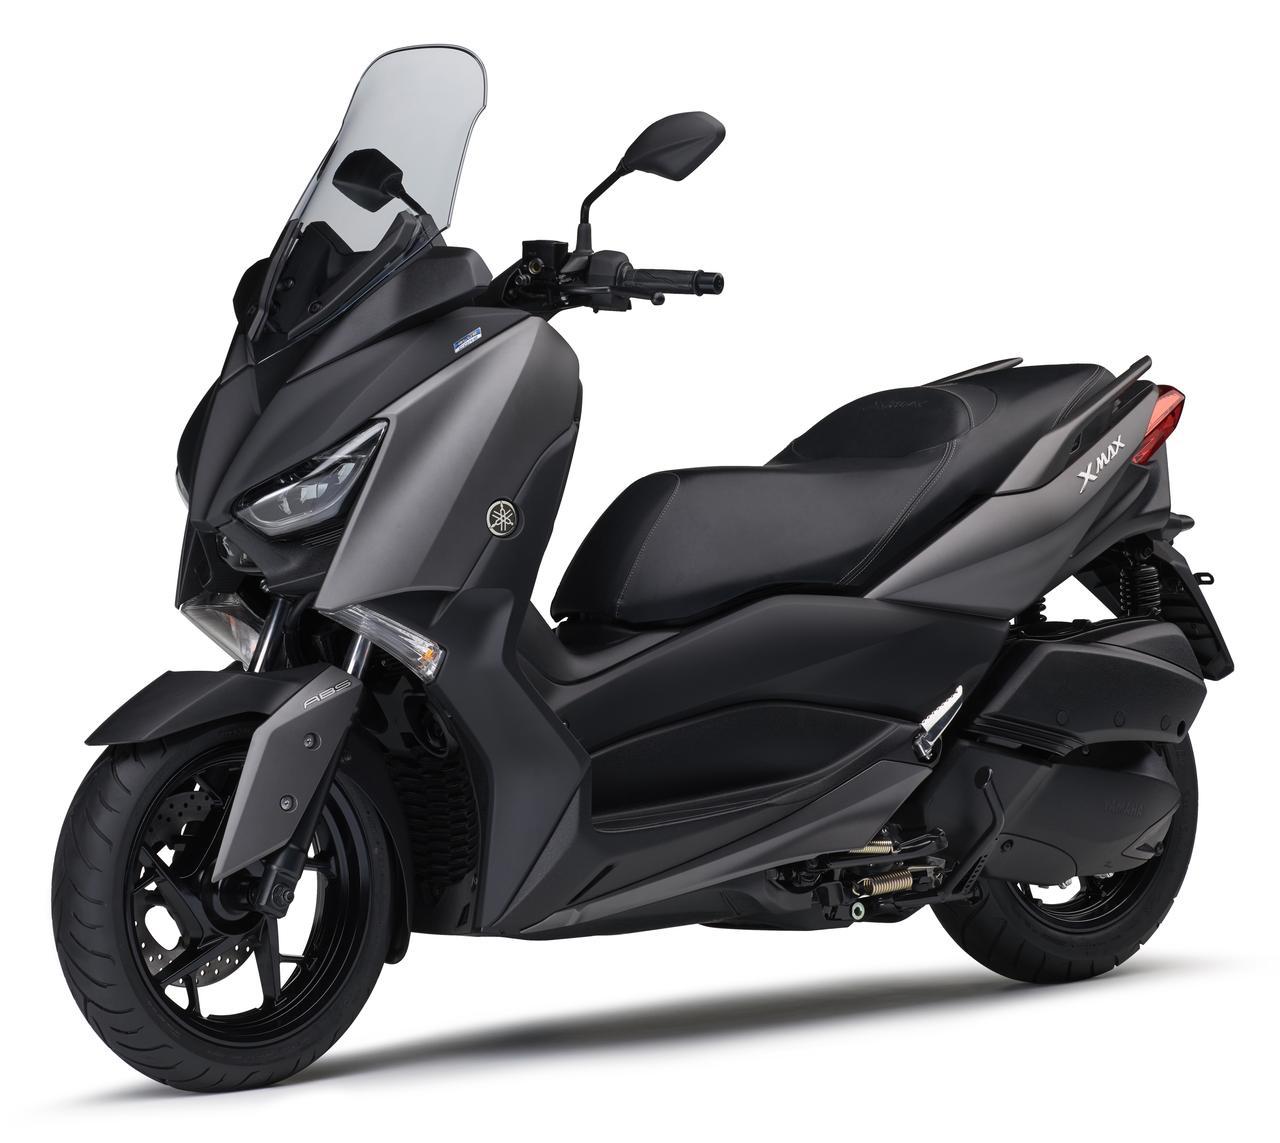 新車 ヤマハが新型249ccスクーター xmax abs を発売へ 価格は64万